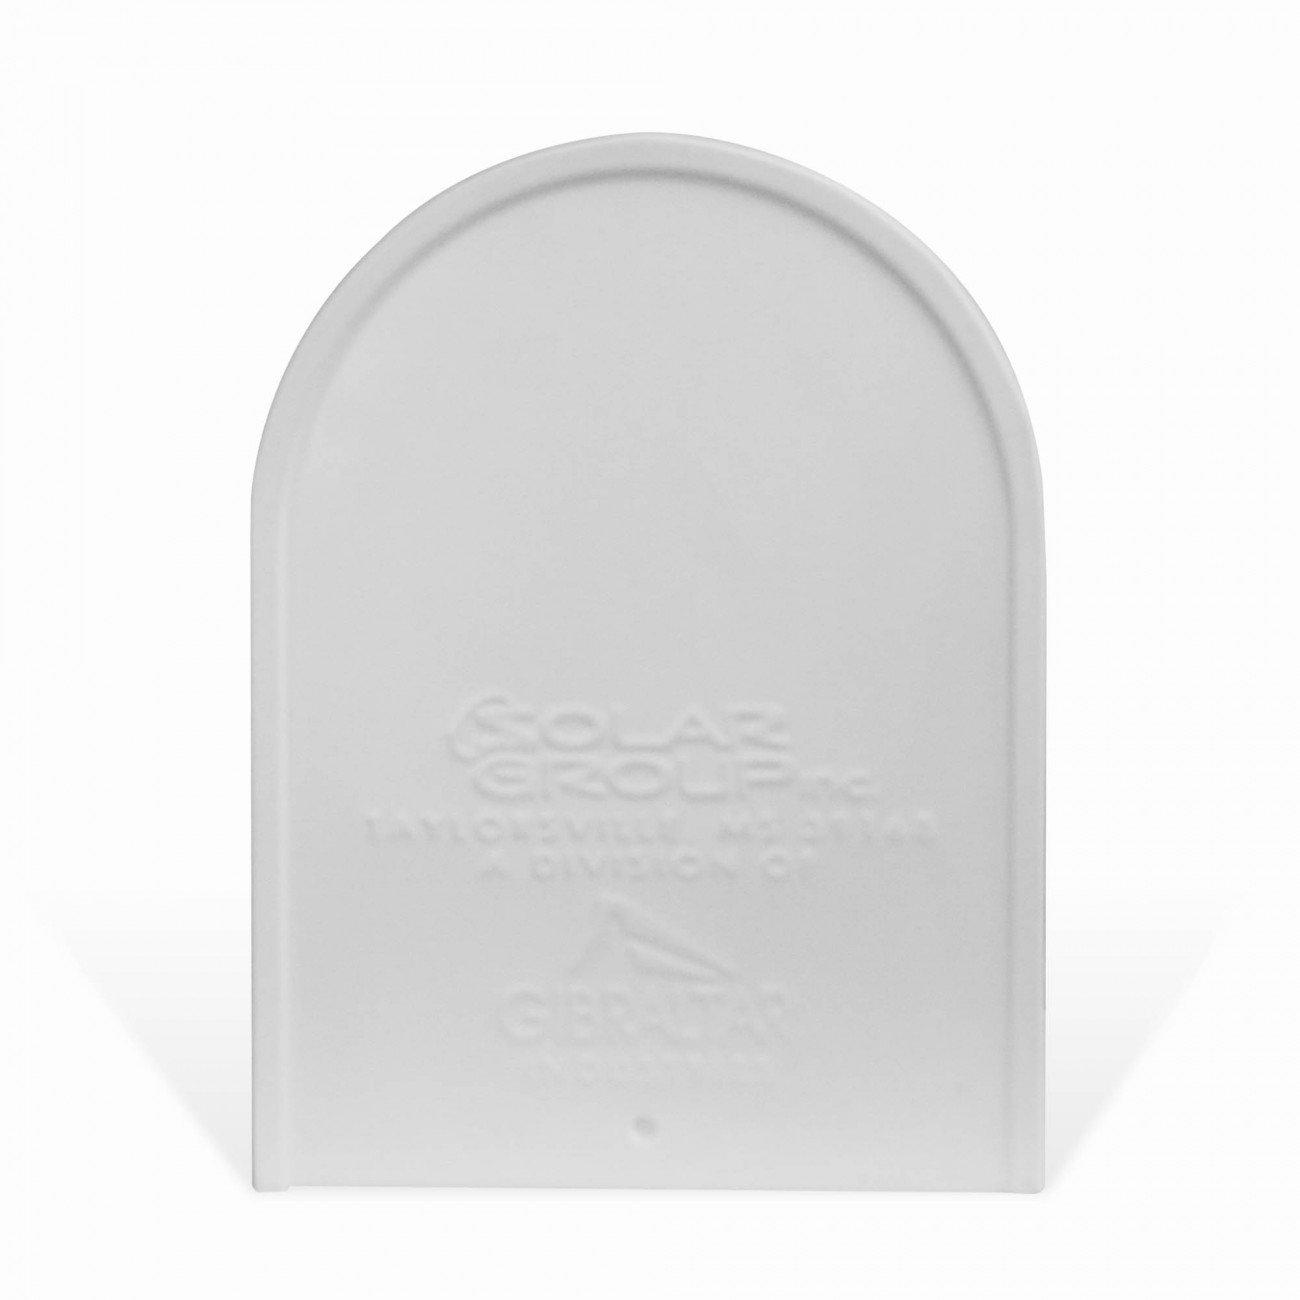 BANJADO US Mailbox mit Motiv Wunschmotiv Amerikanischer Briefkasten 51x22x17cm Briefkasten:ohne Standfu/ß Letterbox Stahl wei/ß